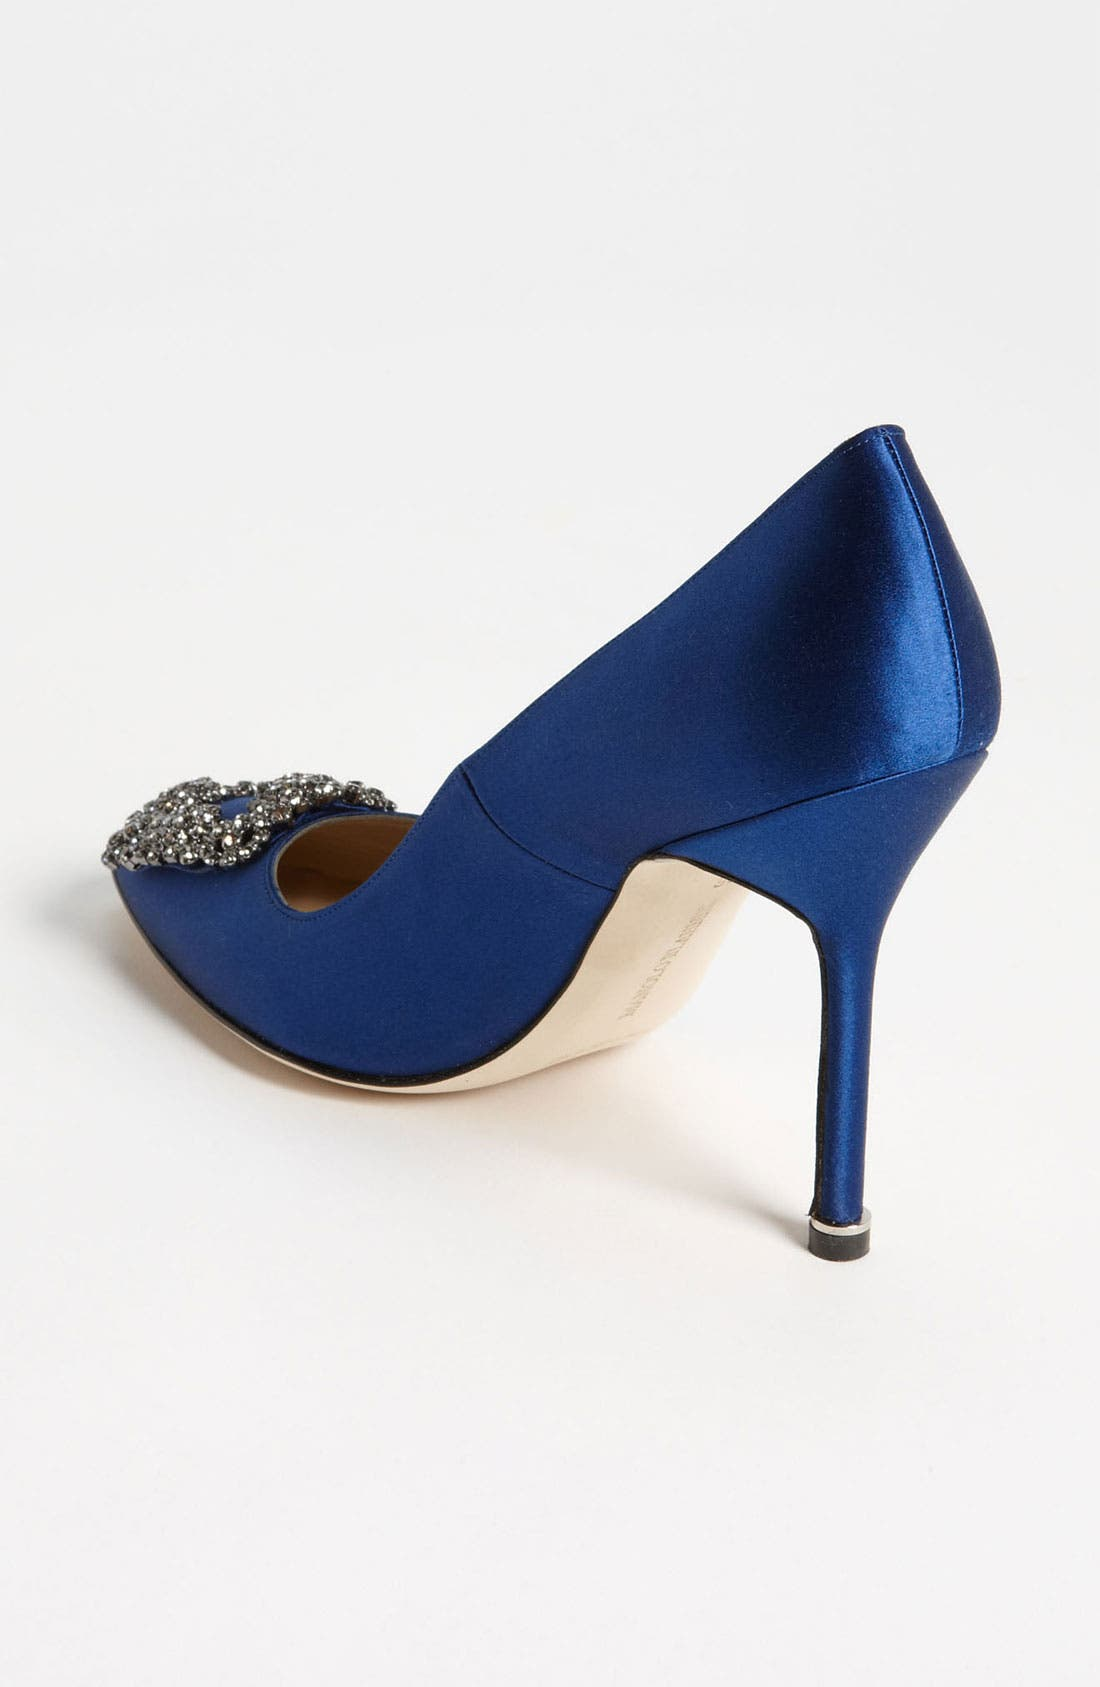 5bdebc7cbe8 Manolo Blahnik Women s Shoes